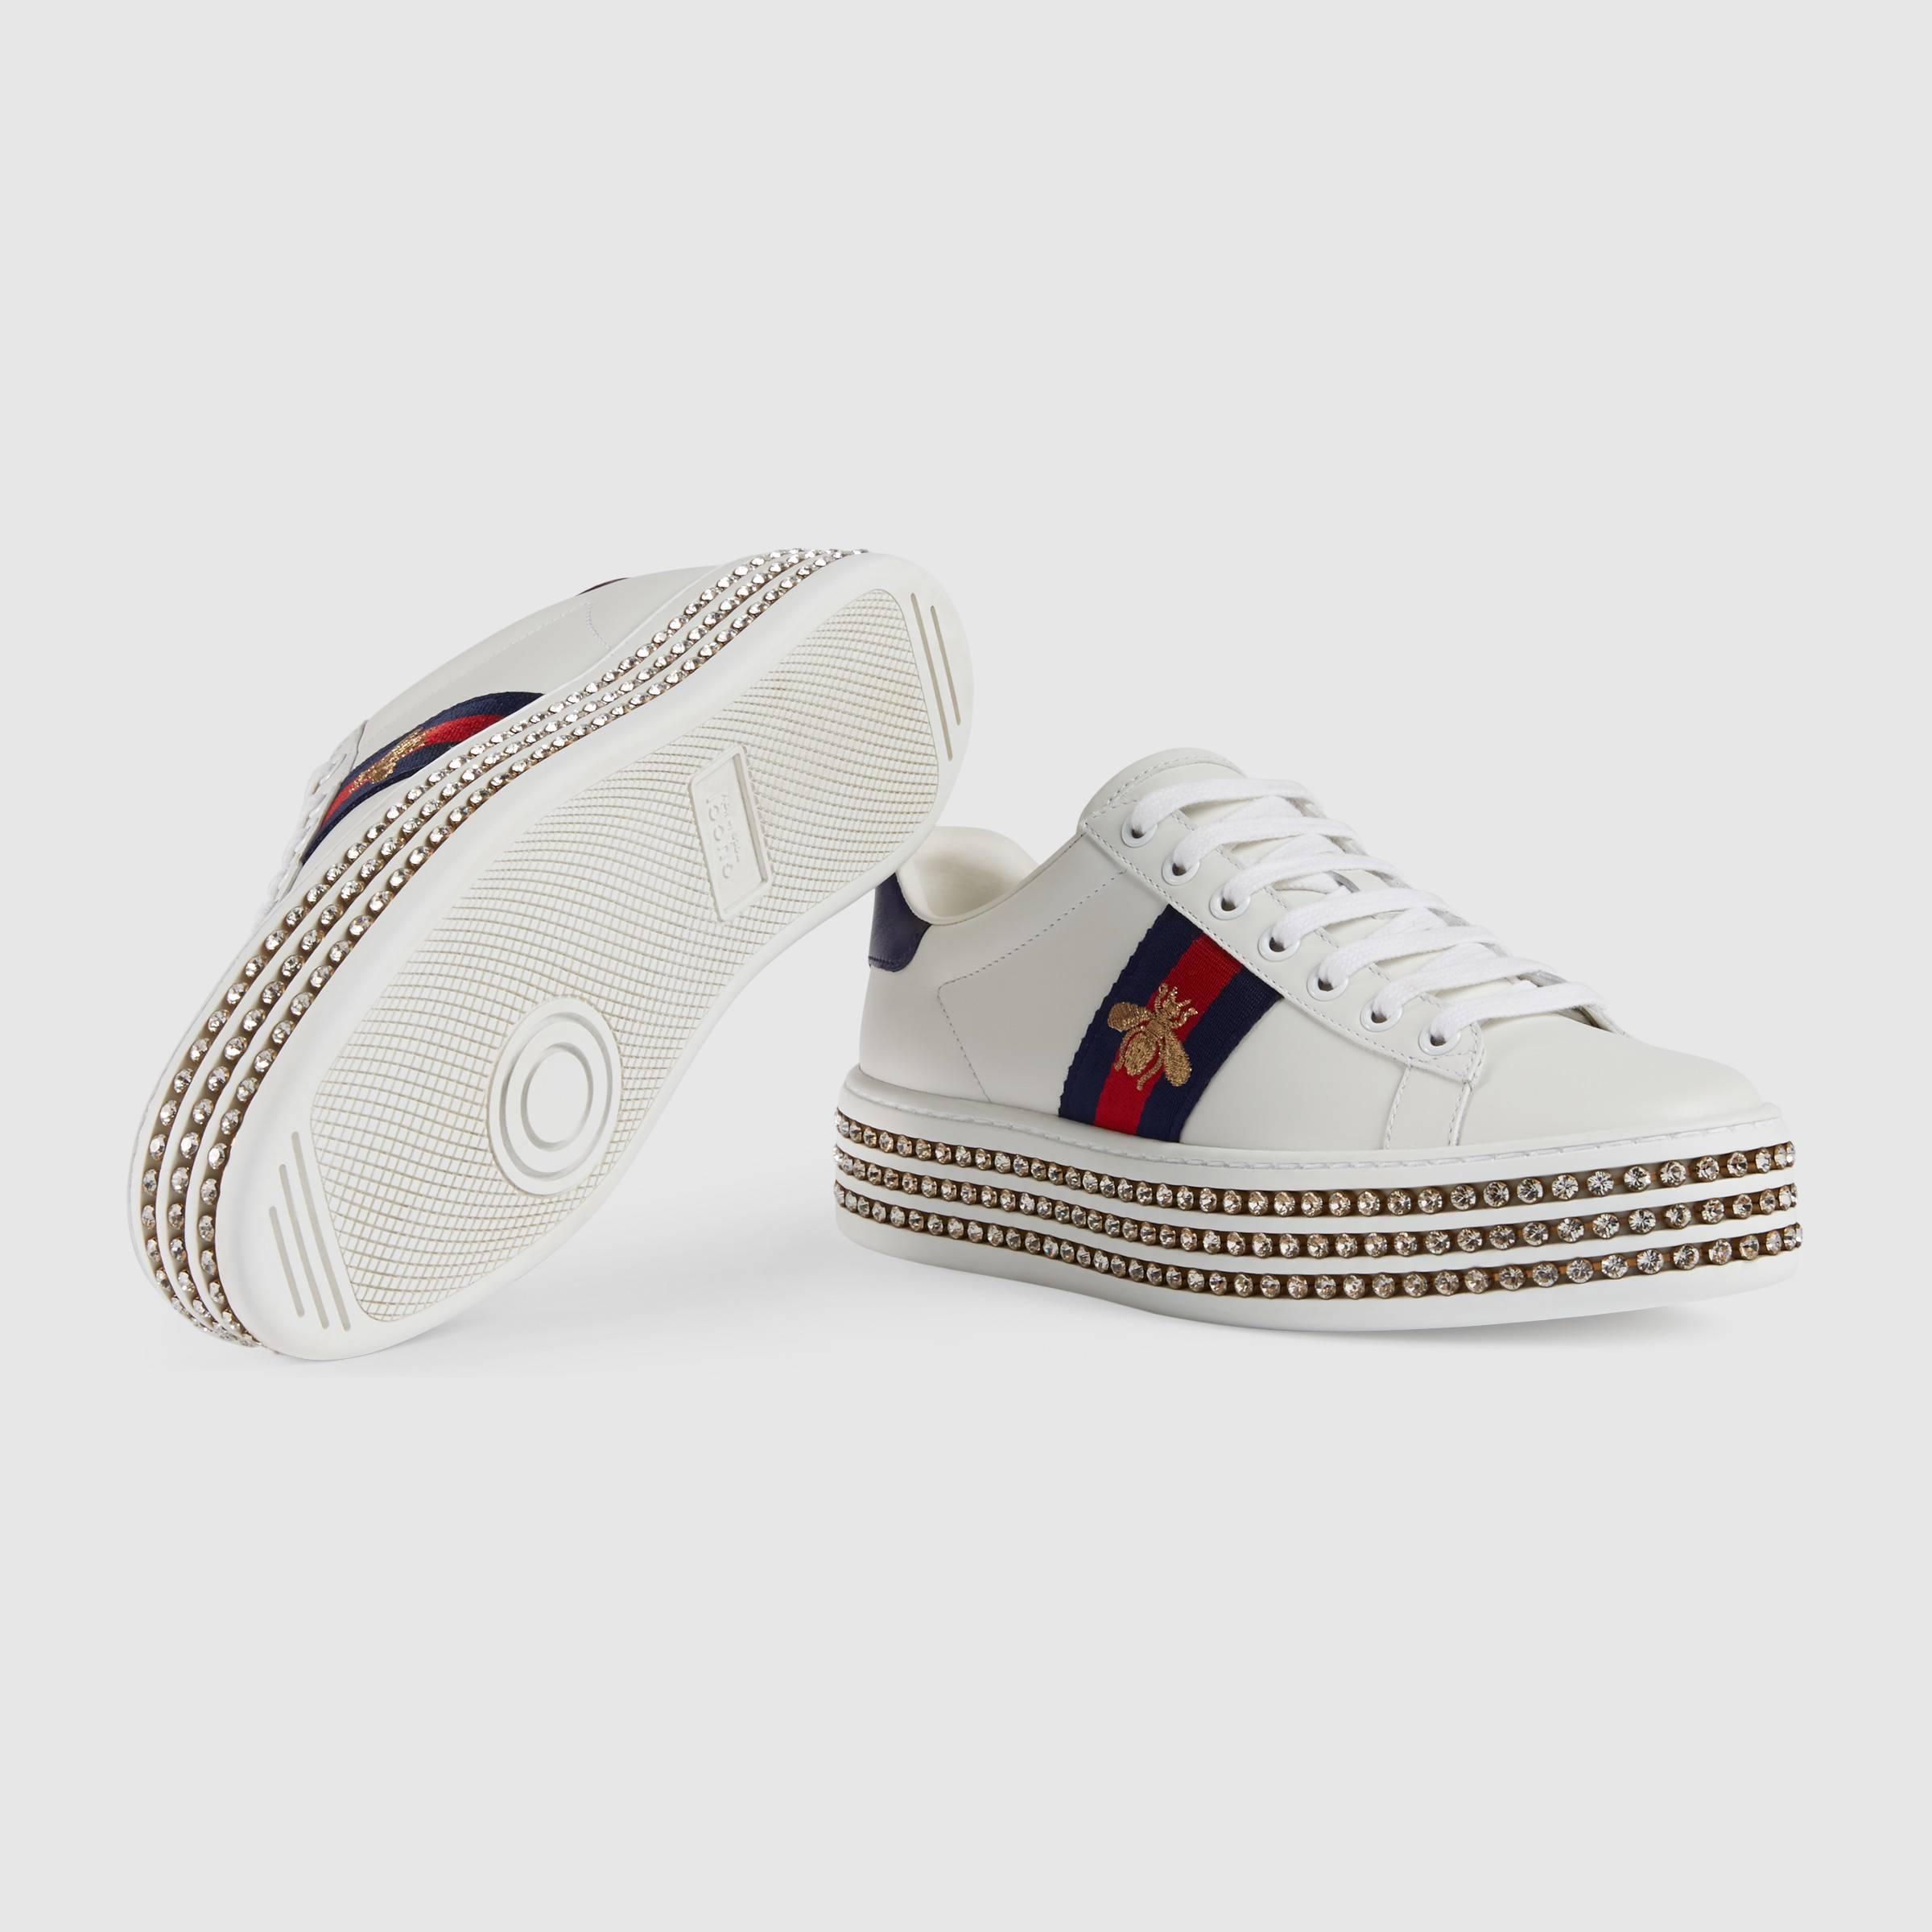 Ilyen, 300 ezer forintnál is drágább Gucci sportcipőben jött haza a nyaralásból Mészáros Lőrinc lánya